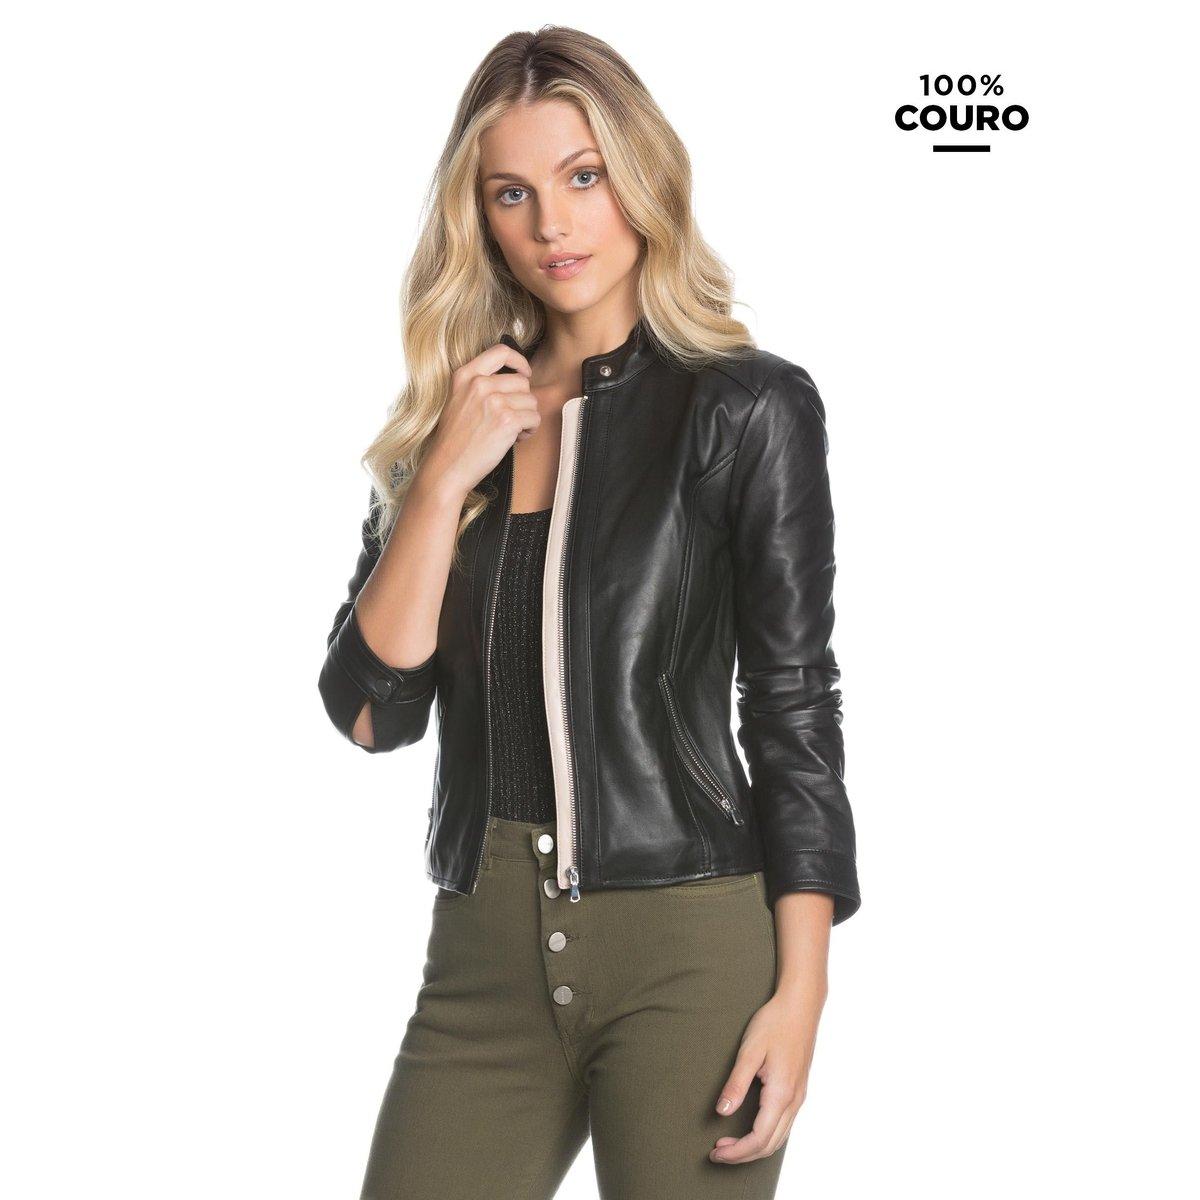 Jaquetas e Casacos Femininos - Ótimos Preços  3471cc2f4f1